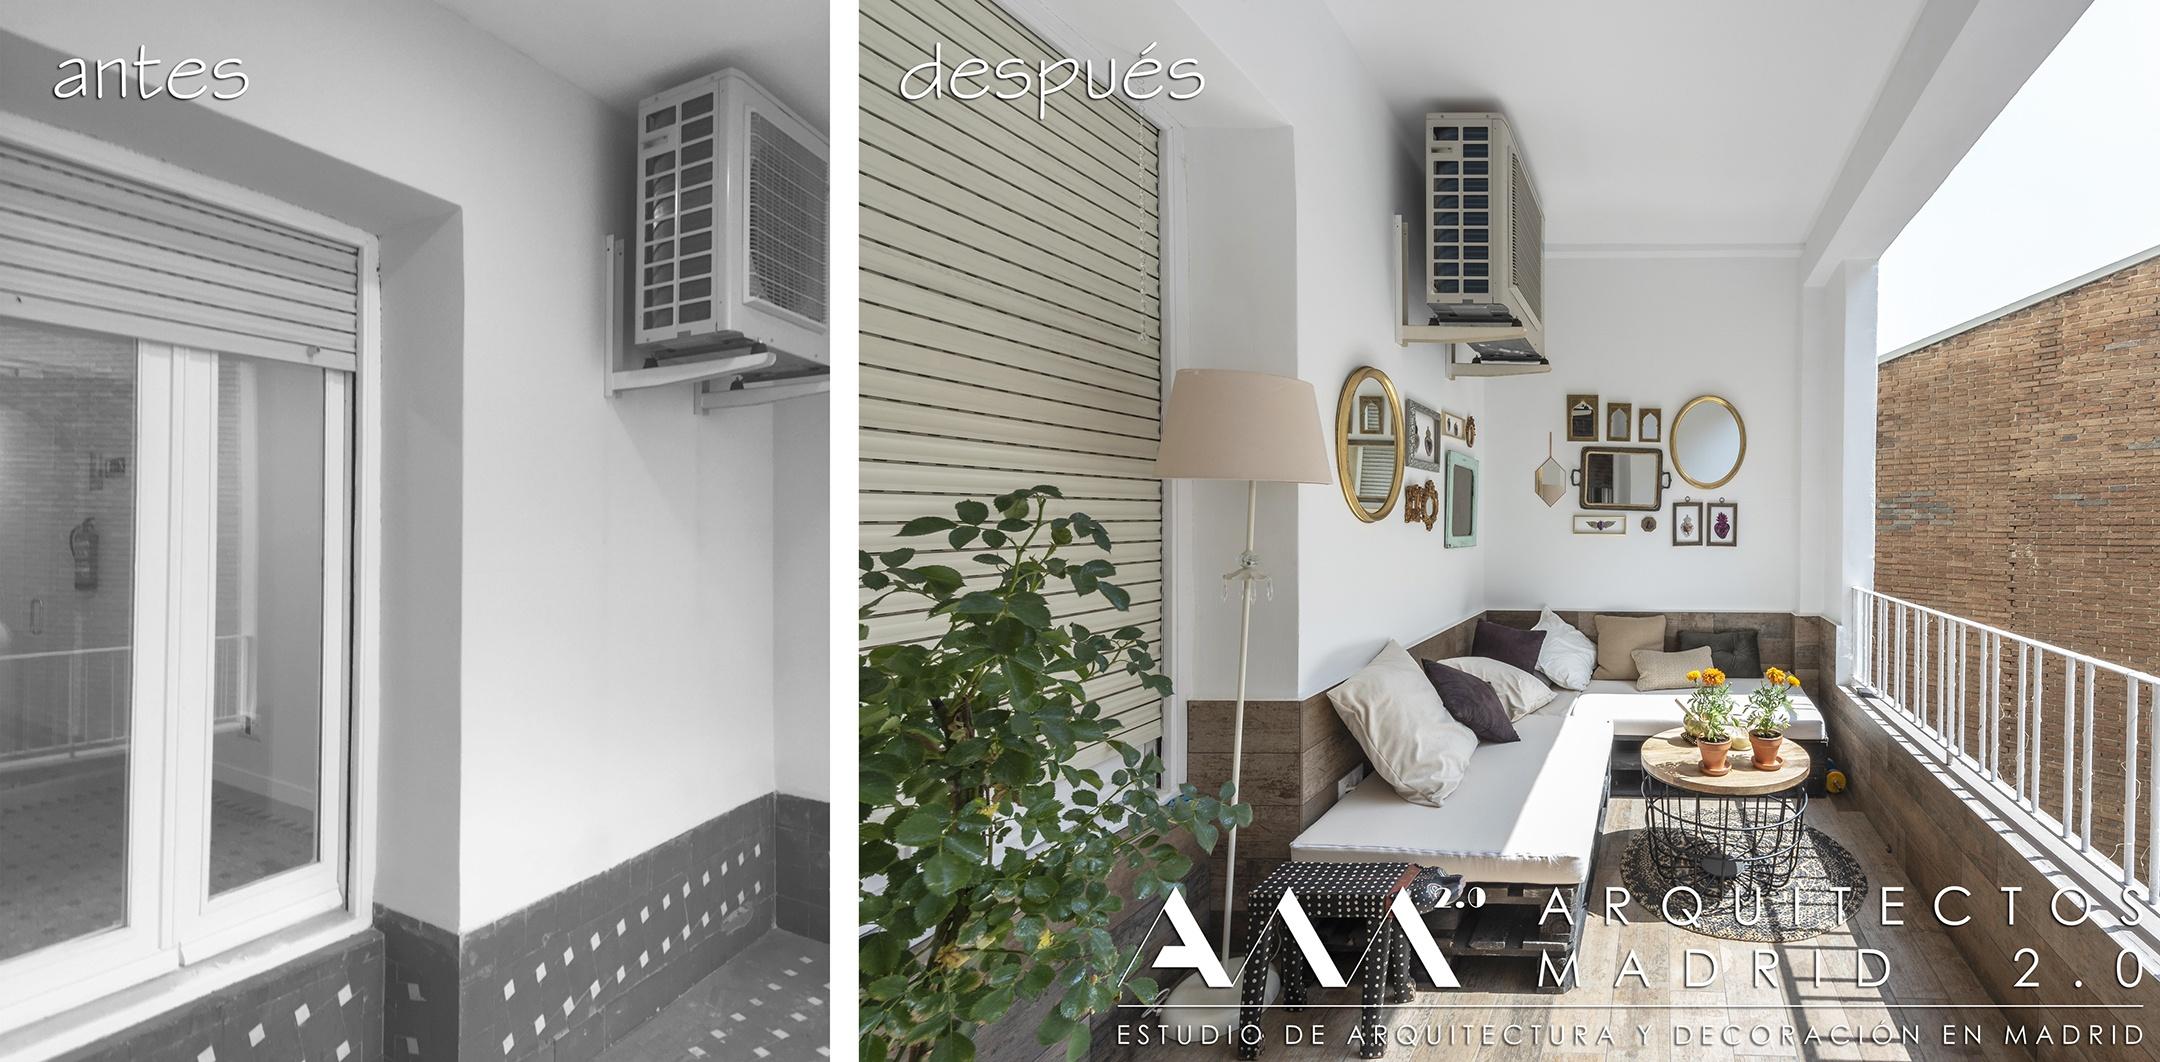 reforma-proyecto-vivienda-chamberi-arquitectos-madrid-antes-despues-01